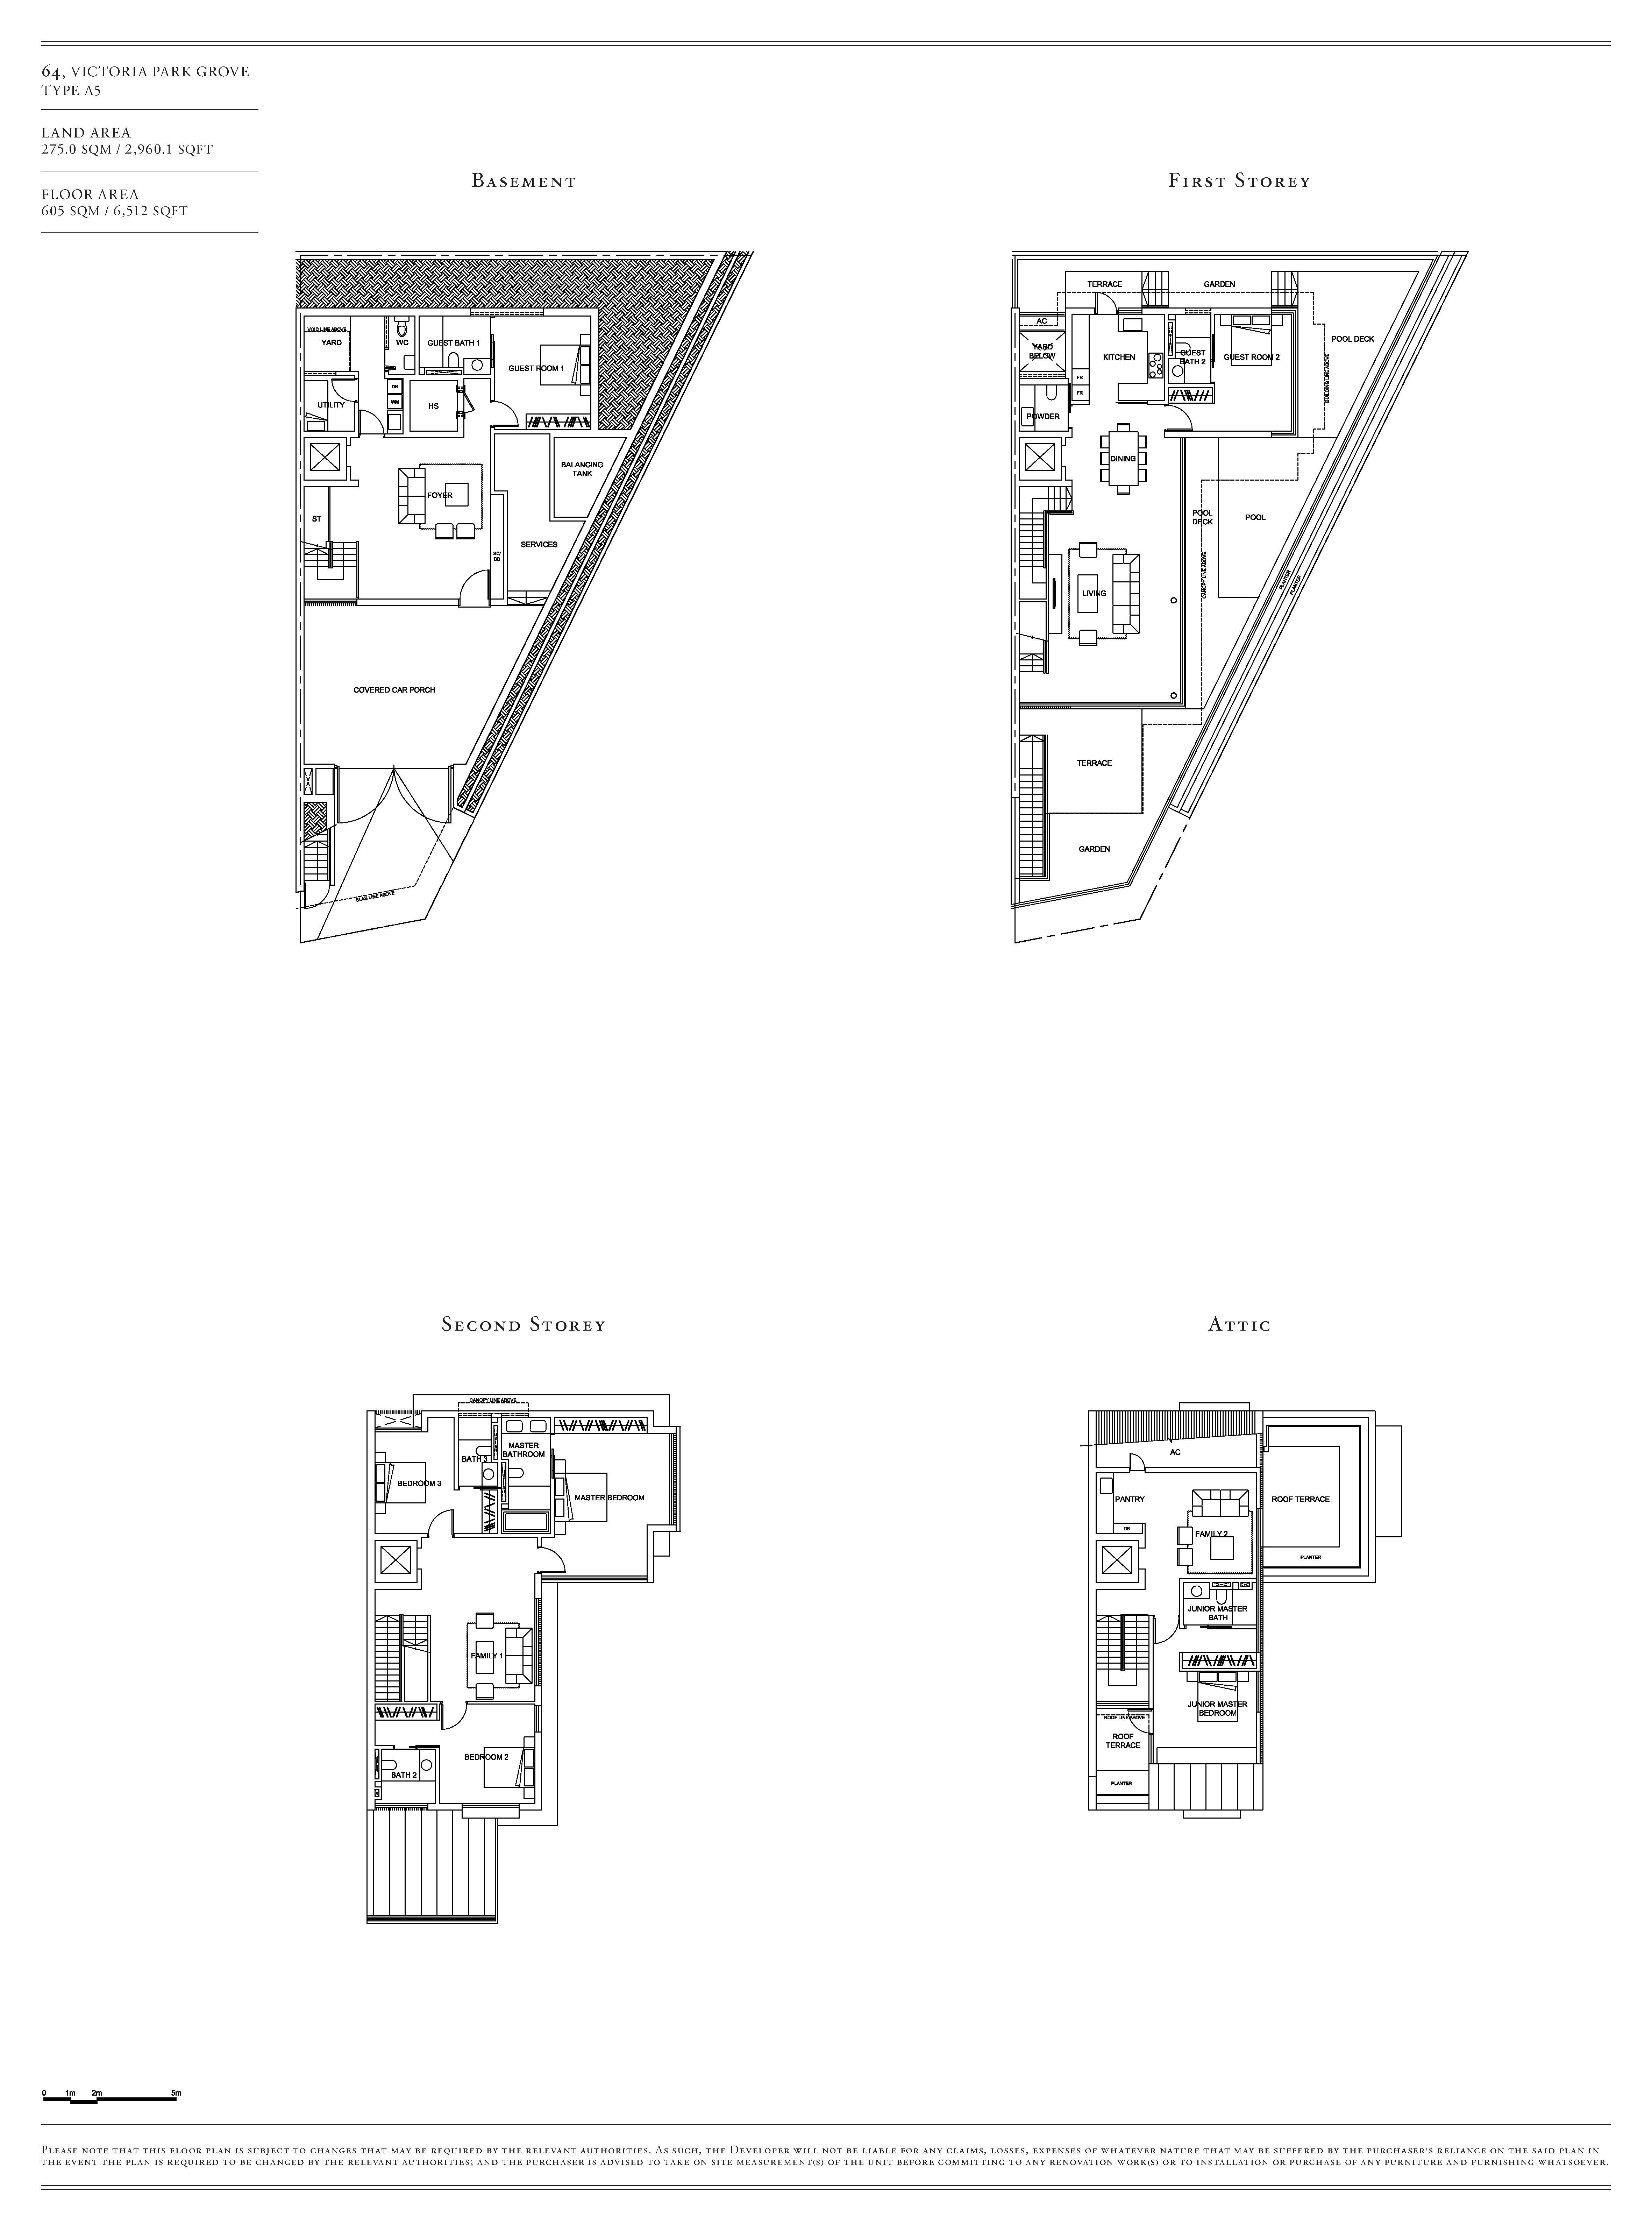 Victoria Park Villas House 64 Type A5 Floor Plans